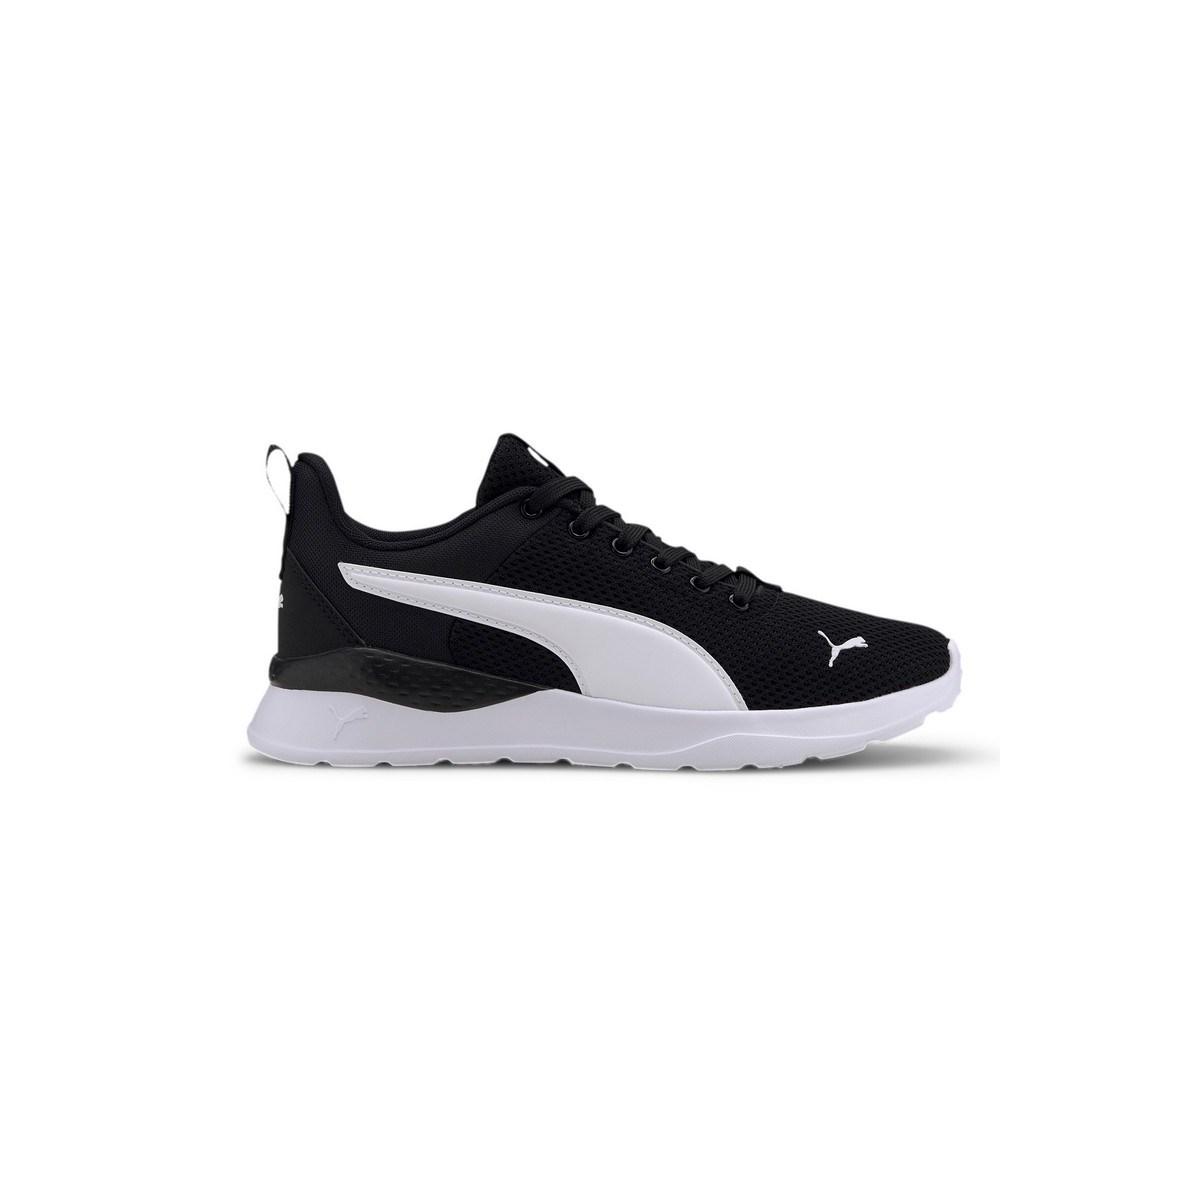 Anzarun Lite Çocuk Siyah Koşu Ayakkabısı